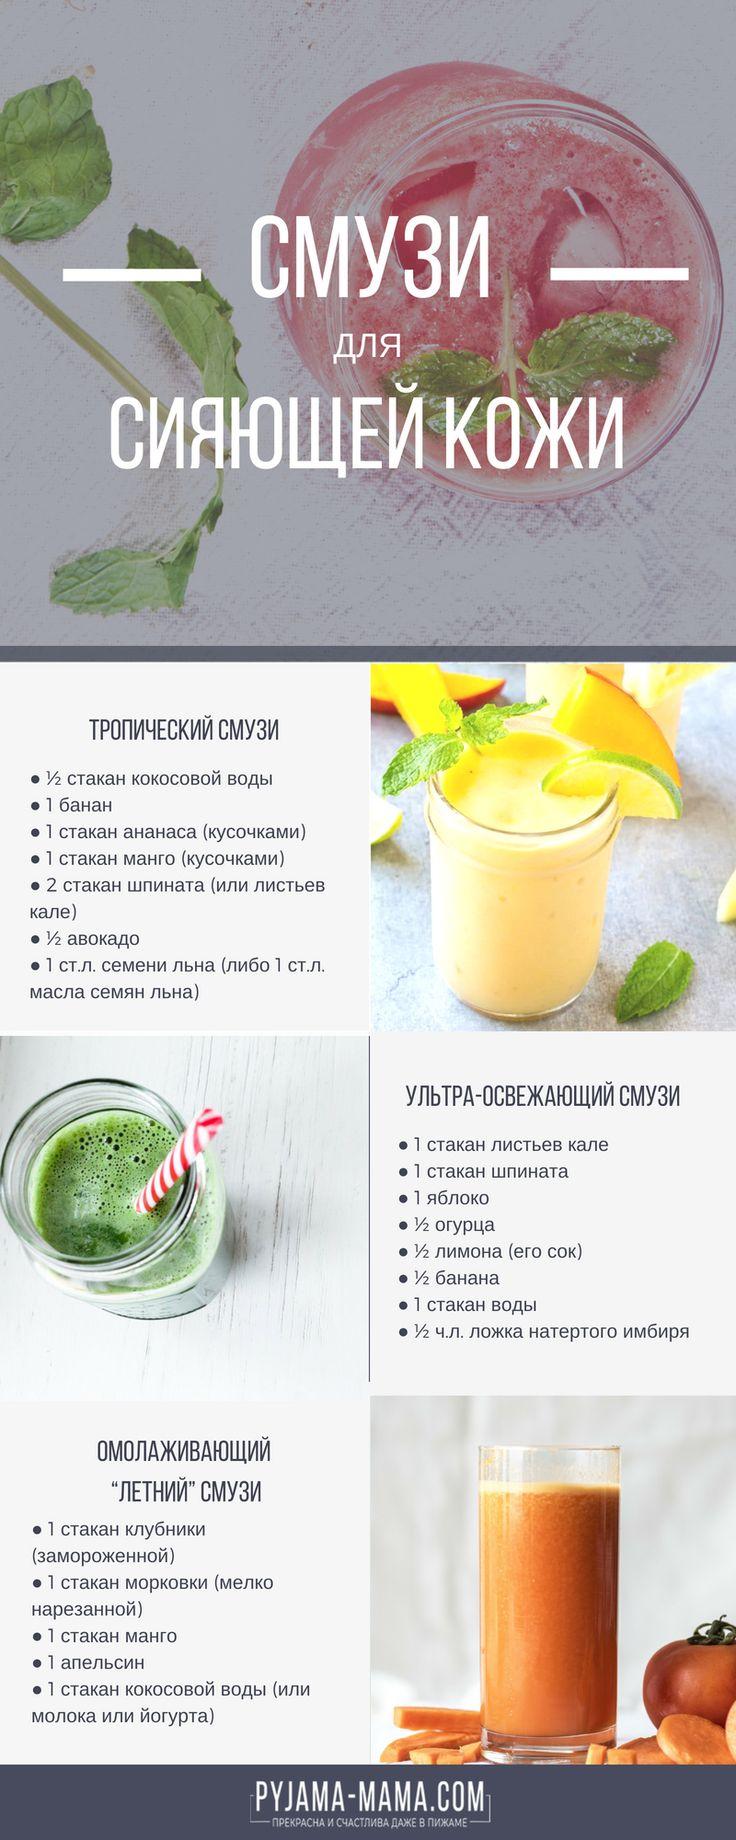 Простой Легкий Рецепт Похудения. Реально эффективные способы похудения для женщин в домашних условиях